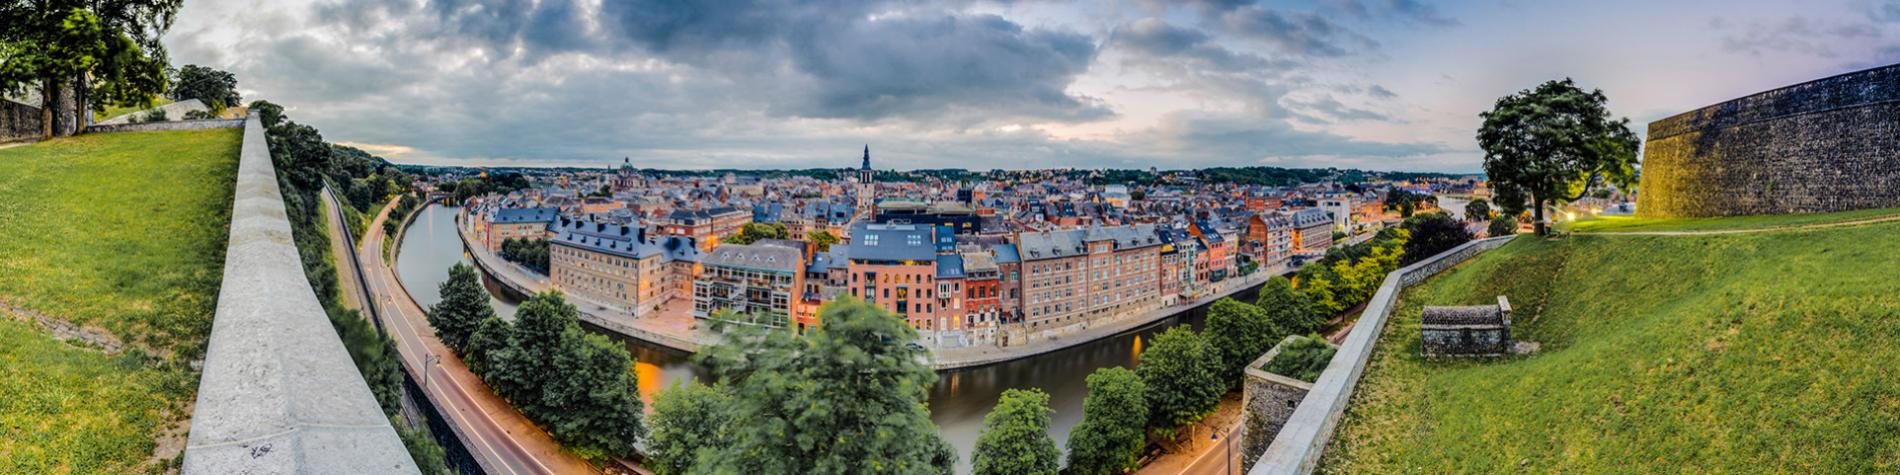 Namur - Sambre - Vue de la citadelle